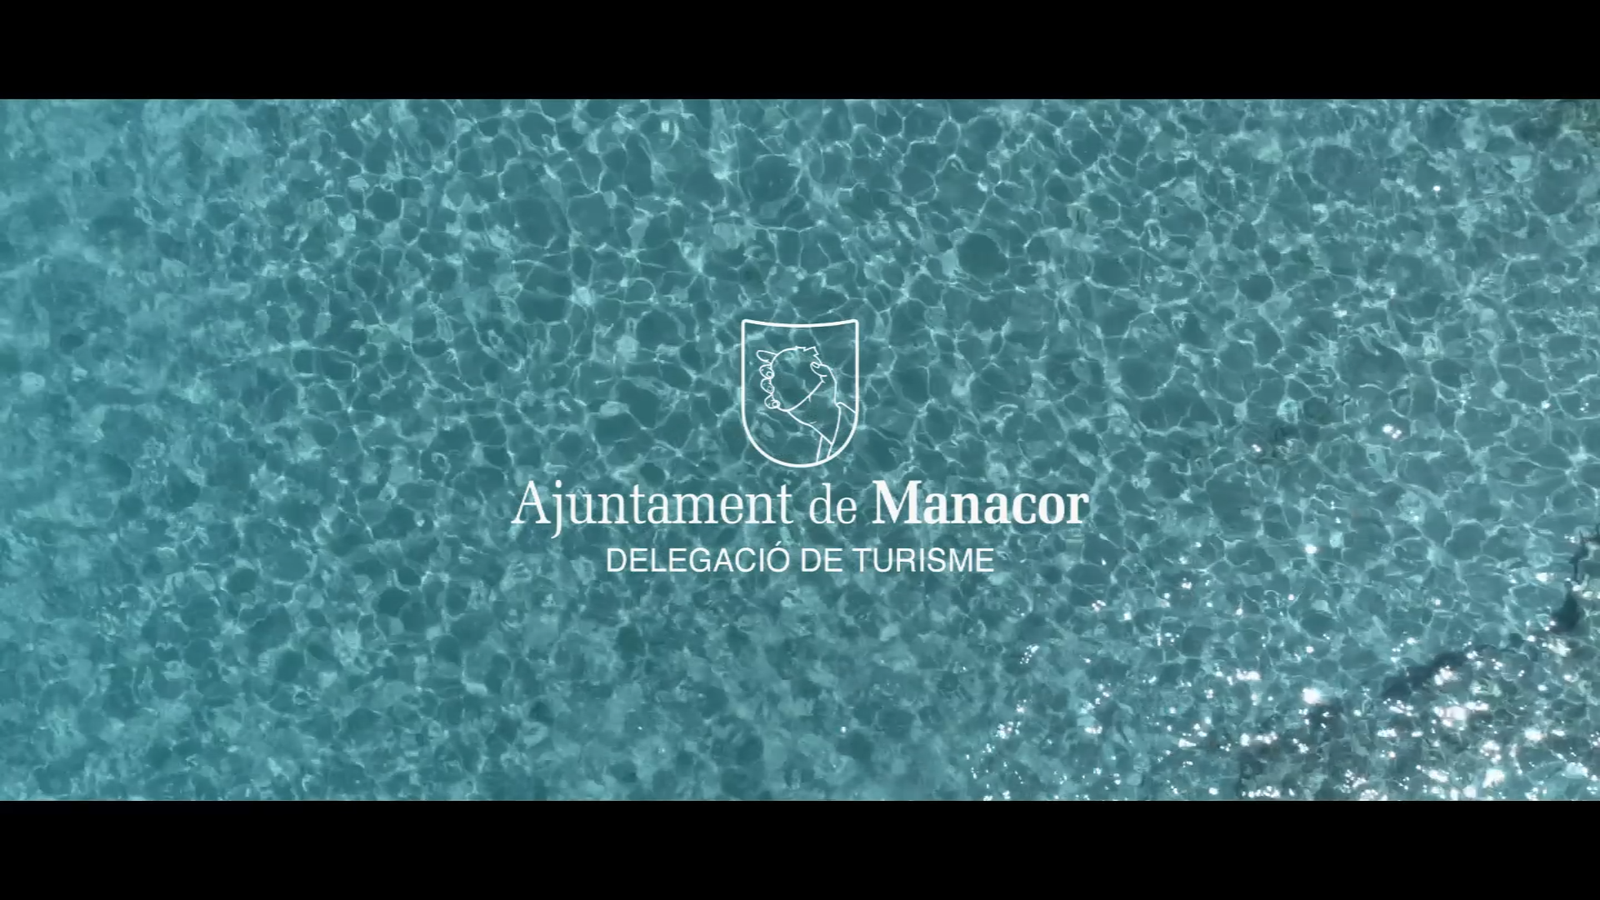 Vídeo promocional de l'Ajuntament de Manacor. /AJUNTAMENT DE MANACOR